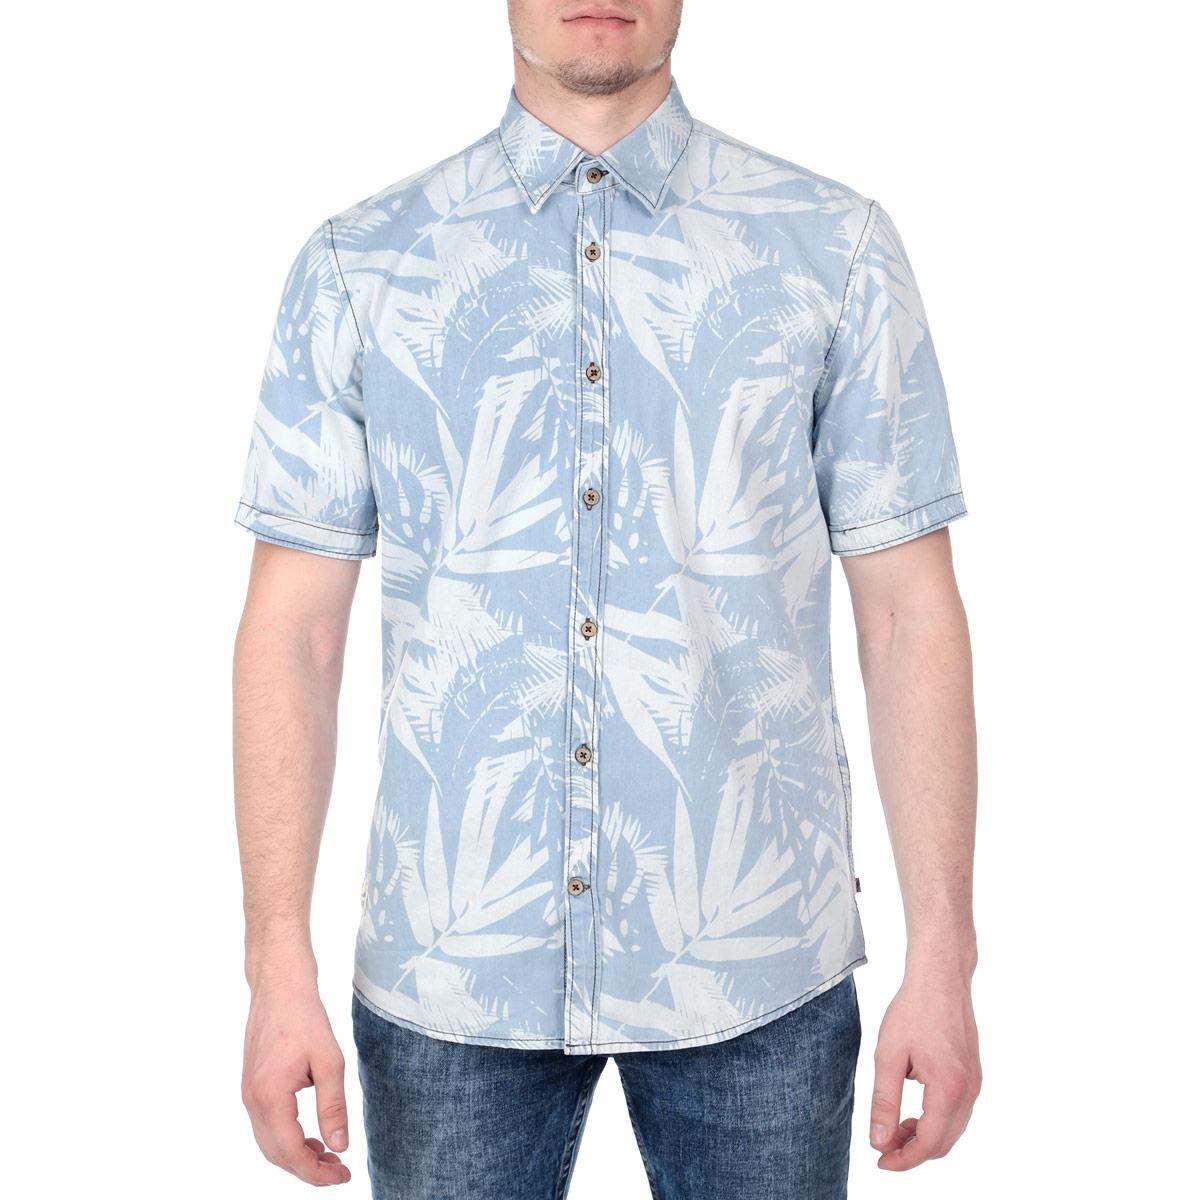 Рубашка мужская. 2029955.00.102029955.00.10Стильная мужская рубашка Tom Tailor, изготовленная из натурального хлопка, необычайно мягкая и приятная на ощупь, не сковывает движения и позволяет коже дышать, обеспечивая наибольший комфорт. Модная рубашка прямого кроя с короткими рукавами, отложным воротником и полукруглым низом застегивается спереди на оригинальные пуговицы по всей длине. Оформлено изделие растительным принтом, прострочкой и небольшой нашивкой. Эта рубашка идеальный вариант для повседневного гардероба. Такая модель порадует настоящих ценителей комфорта и практичности!